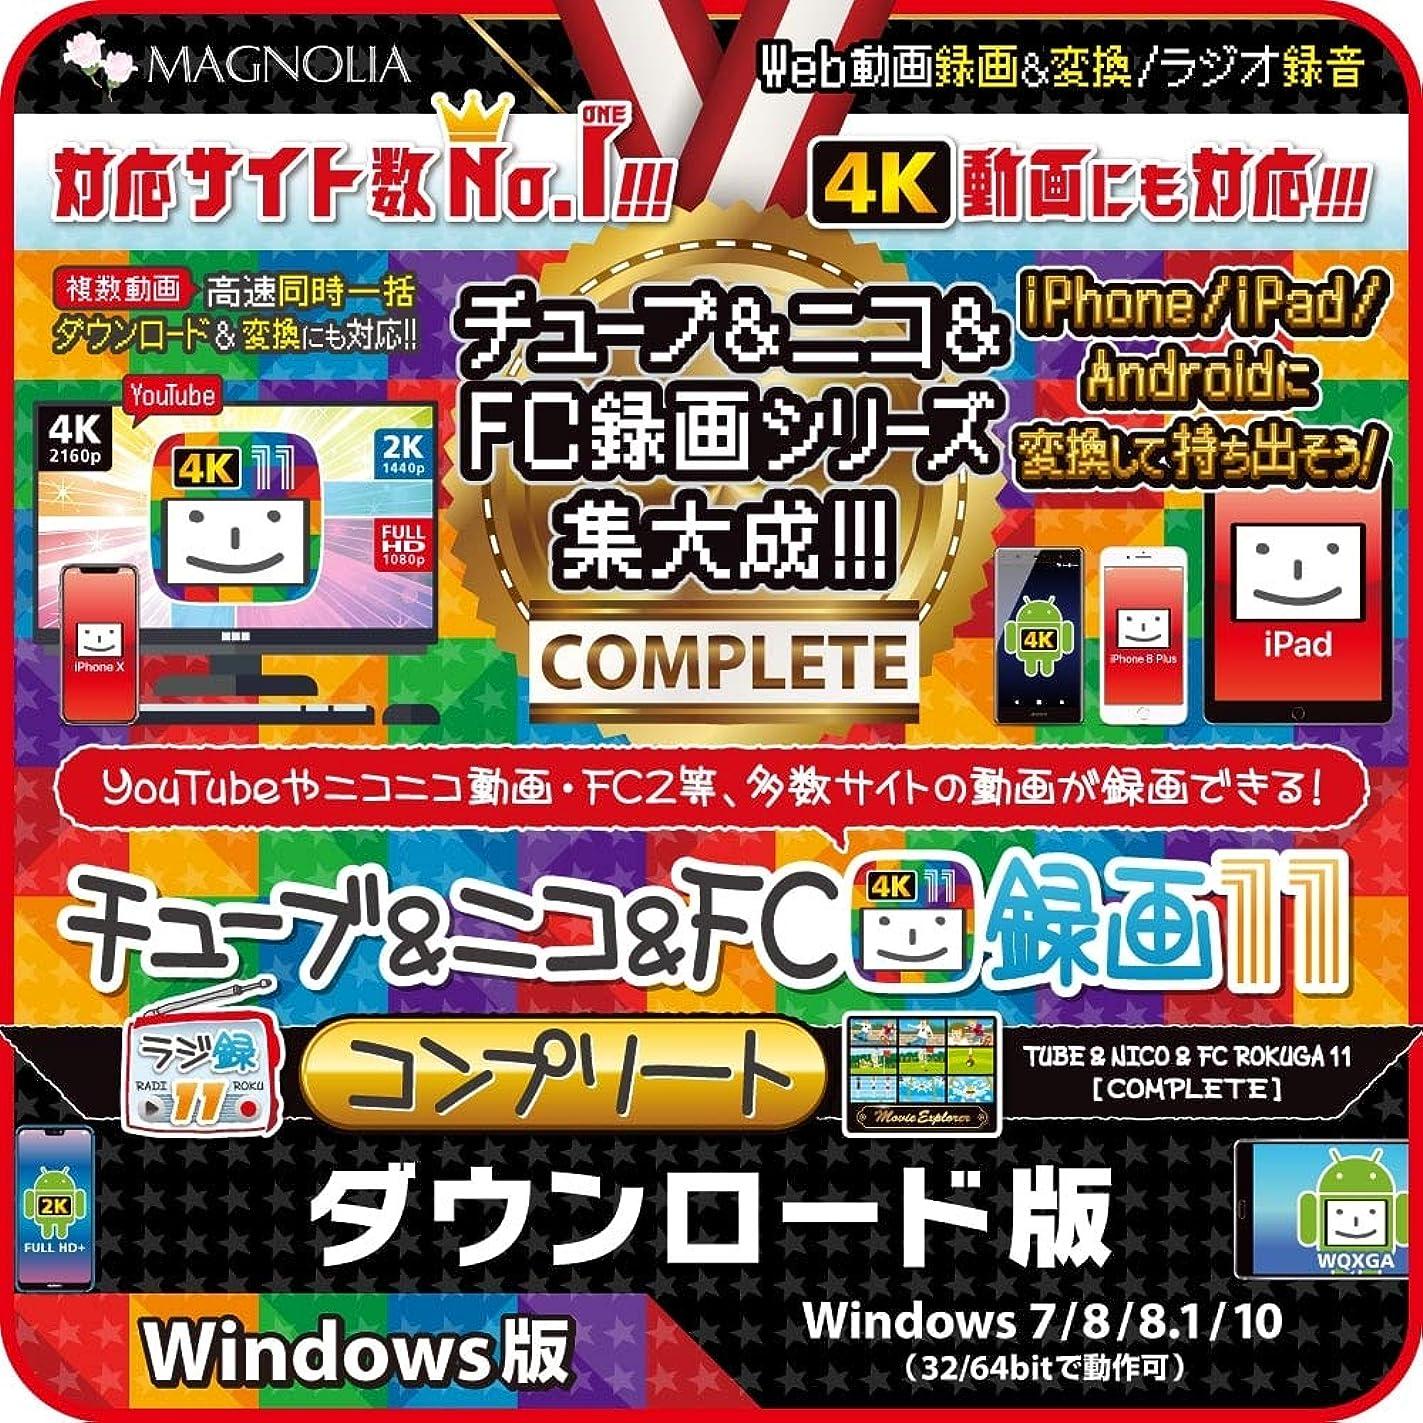 鮫三番手錠チューブ&ニコ&FC録画11コンプリート Windows版|ダウンロード版